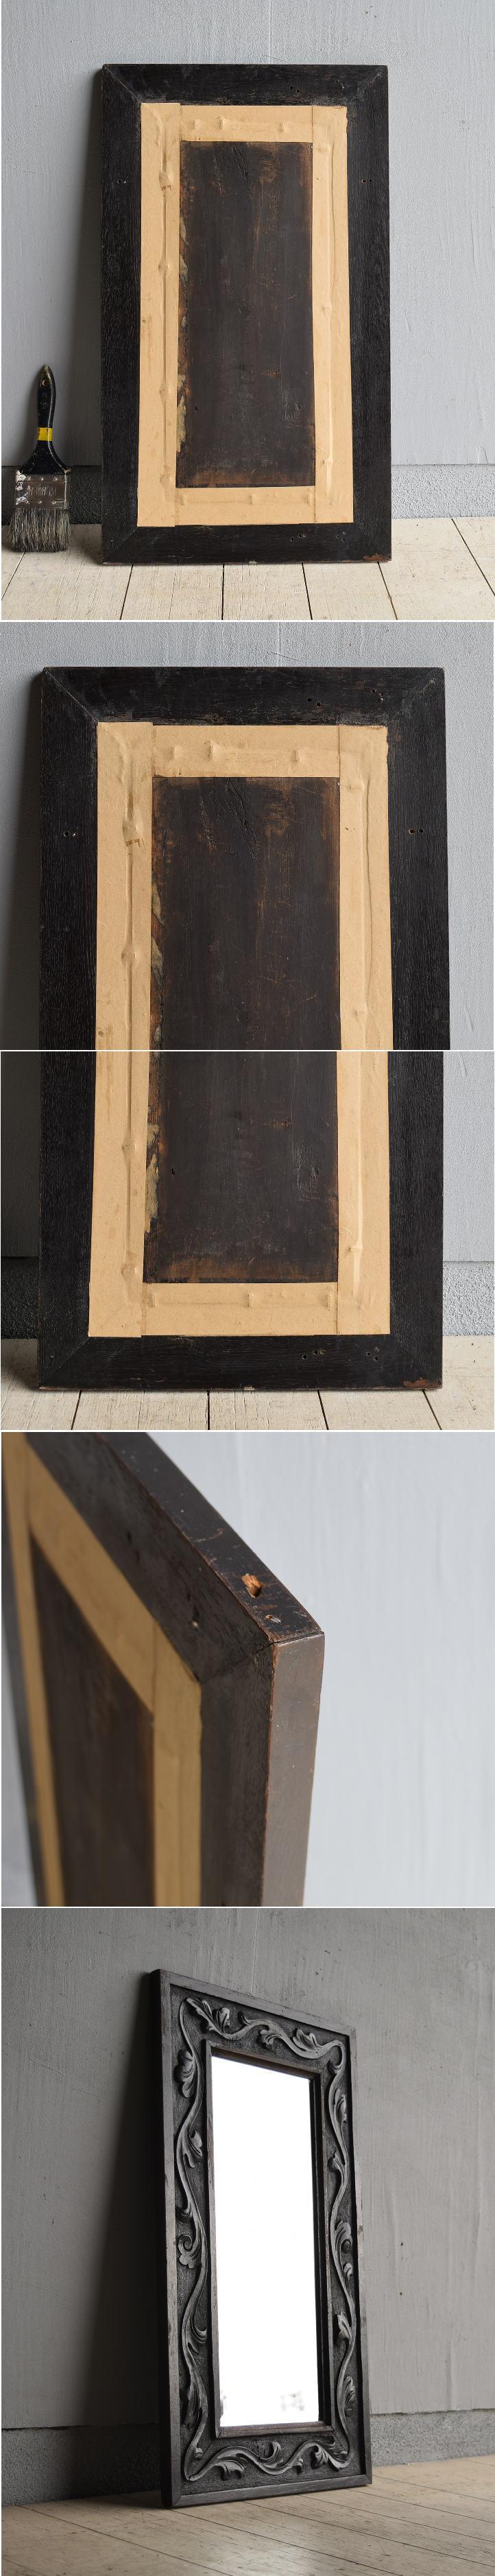 イギリス アンティーク   木製枠 ミラー 鏡 7879